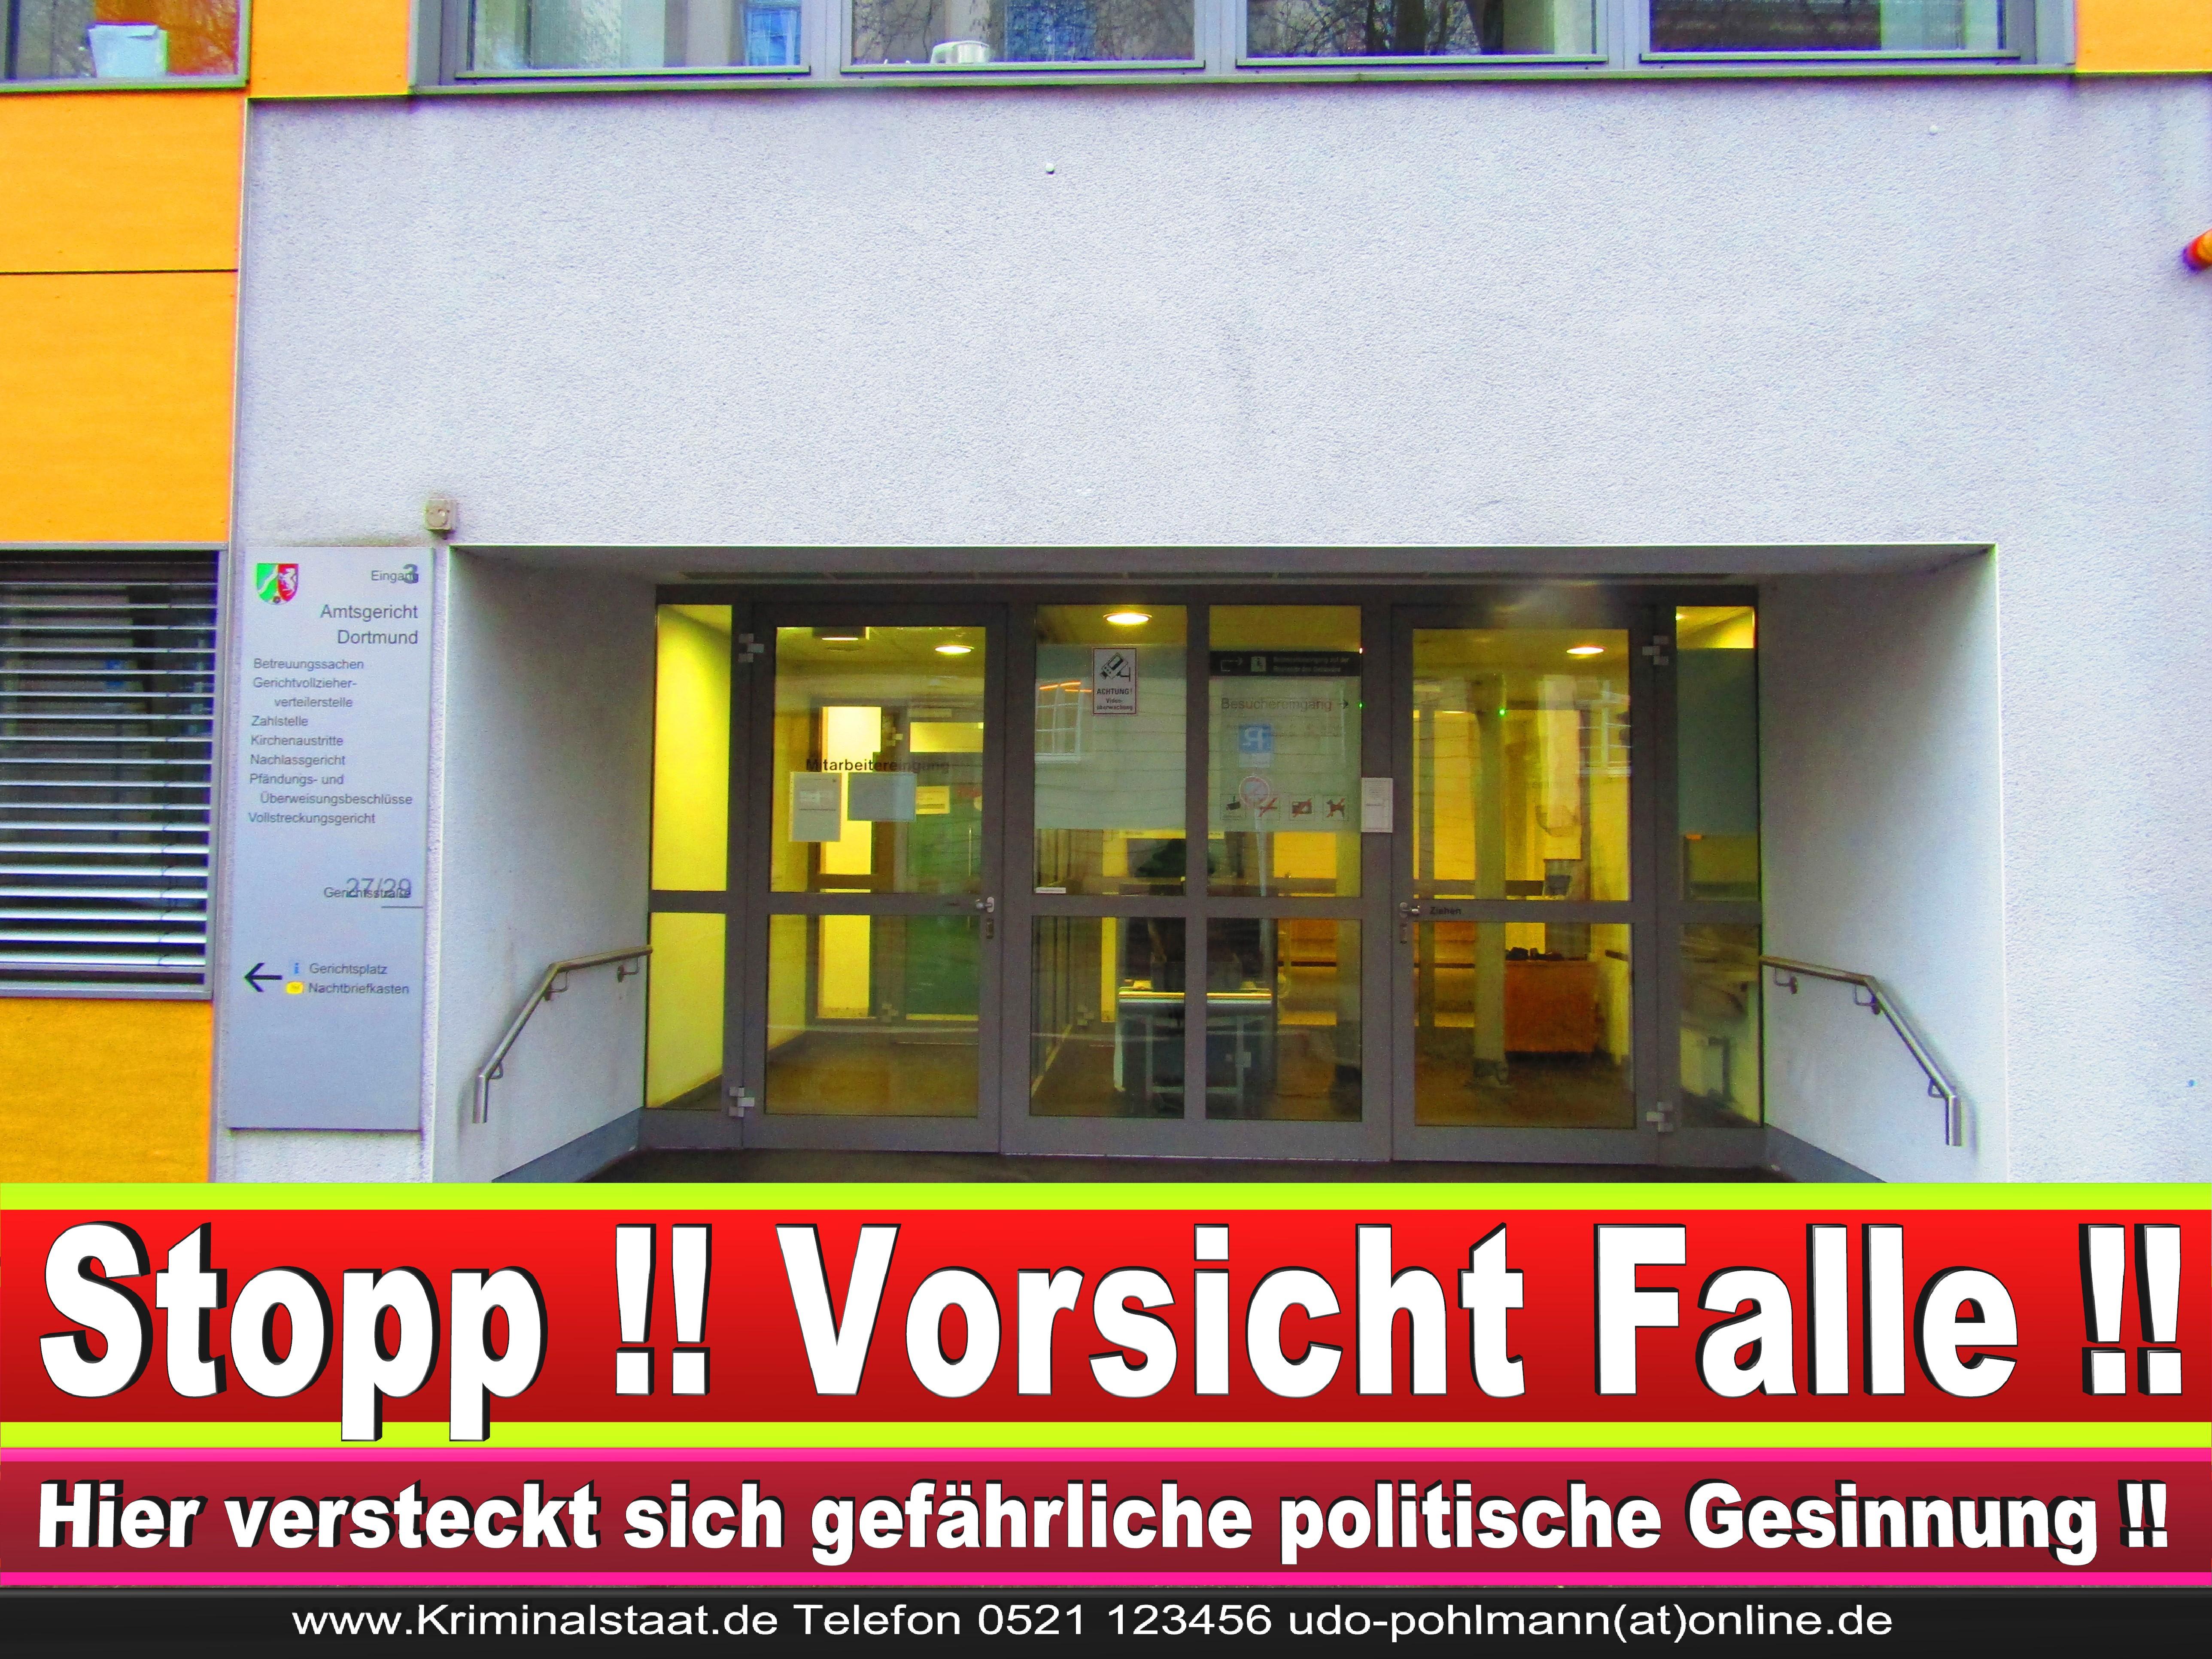 AMTSGERICHT DORTMUND RICHTER AUSBILDUNG PRAKTIKUM ANFAHRT URTEILE KORRUPTION POLIZEI ADRESSE DIREKTOR (11) 2